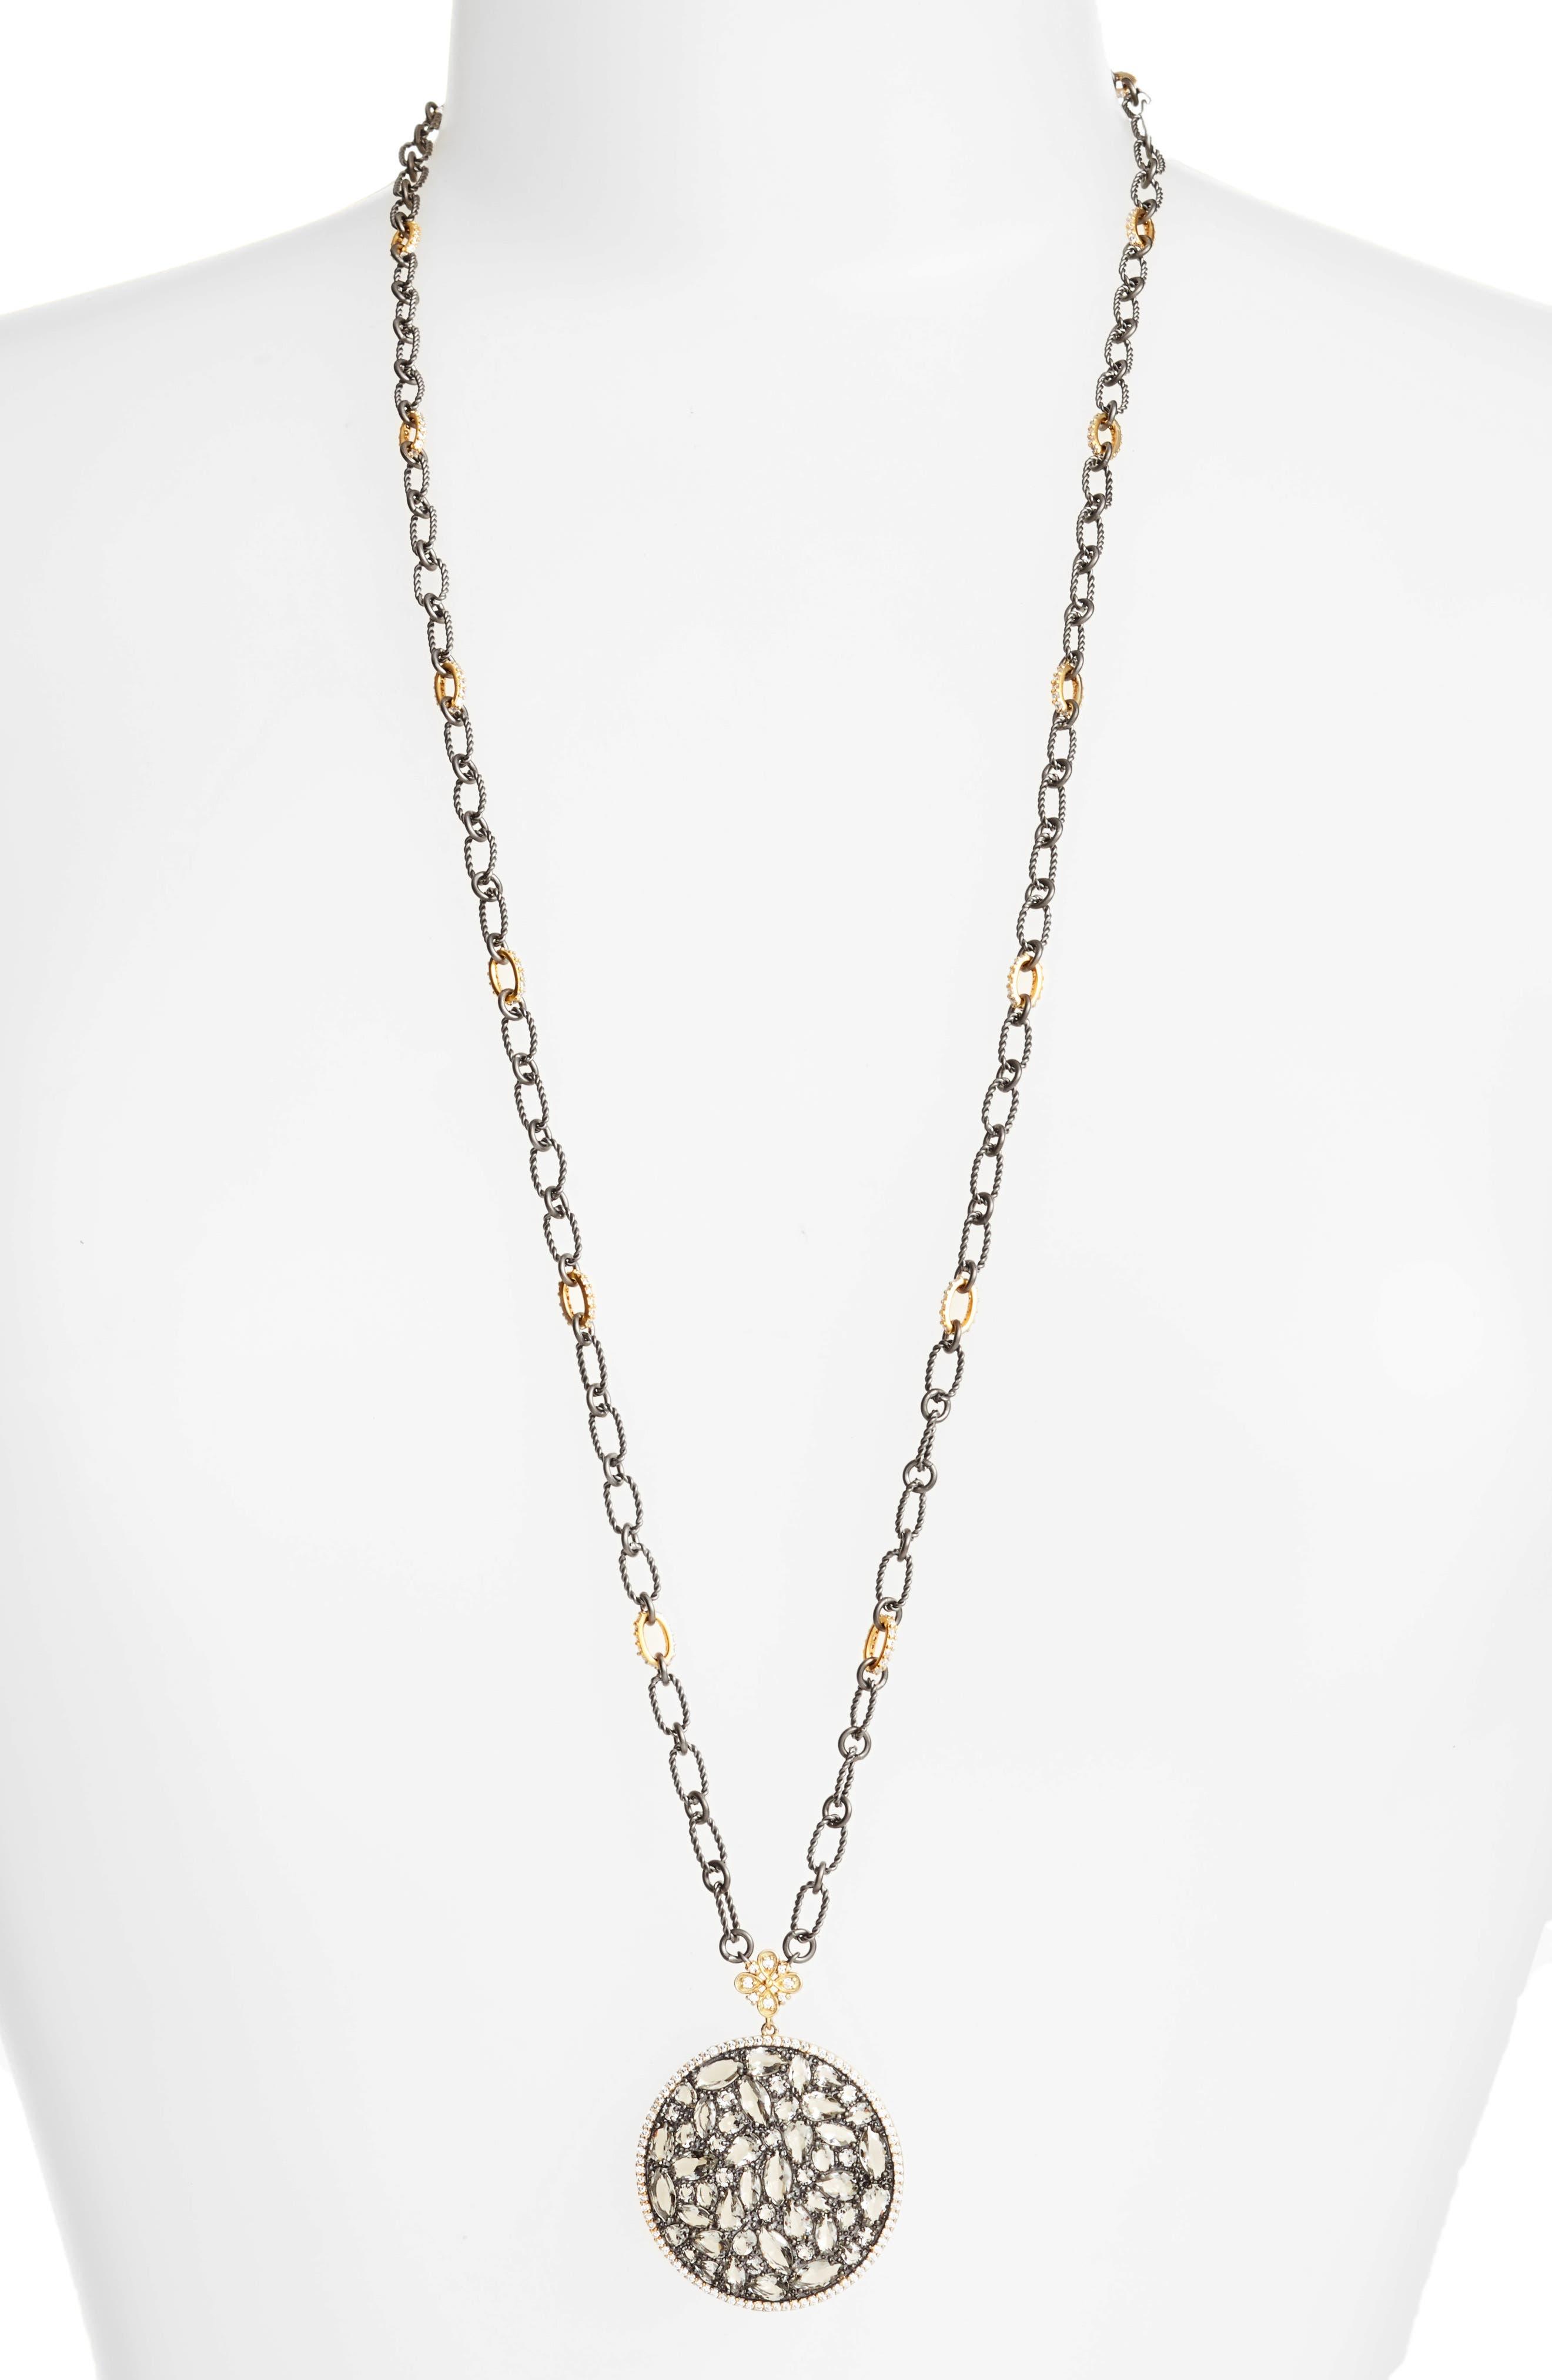 Pebble Pendant Necklace,                             Main thumbnail 1, color,                             Gold/ Black Rhodium